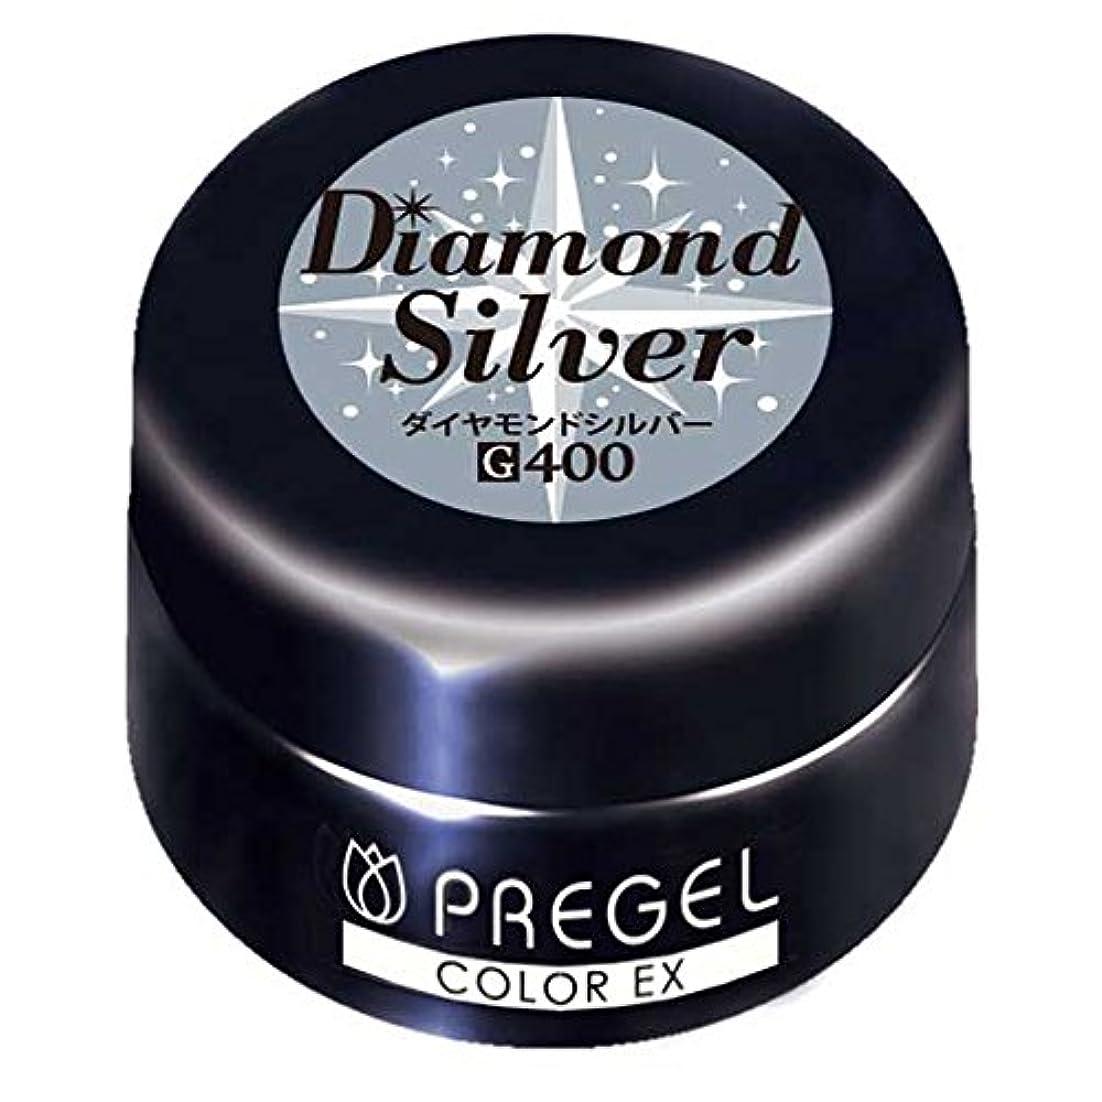 生態学インディカ調子PRE GEL カラーEX ダイヤモンドシルバーCE400 UV/LED対応 カラージェル